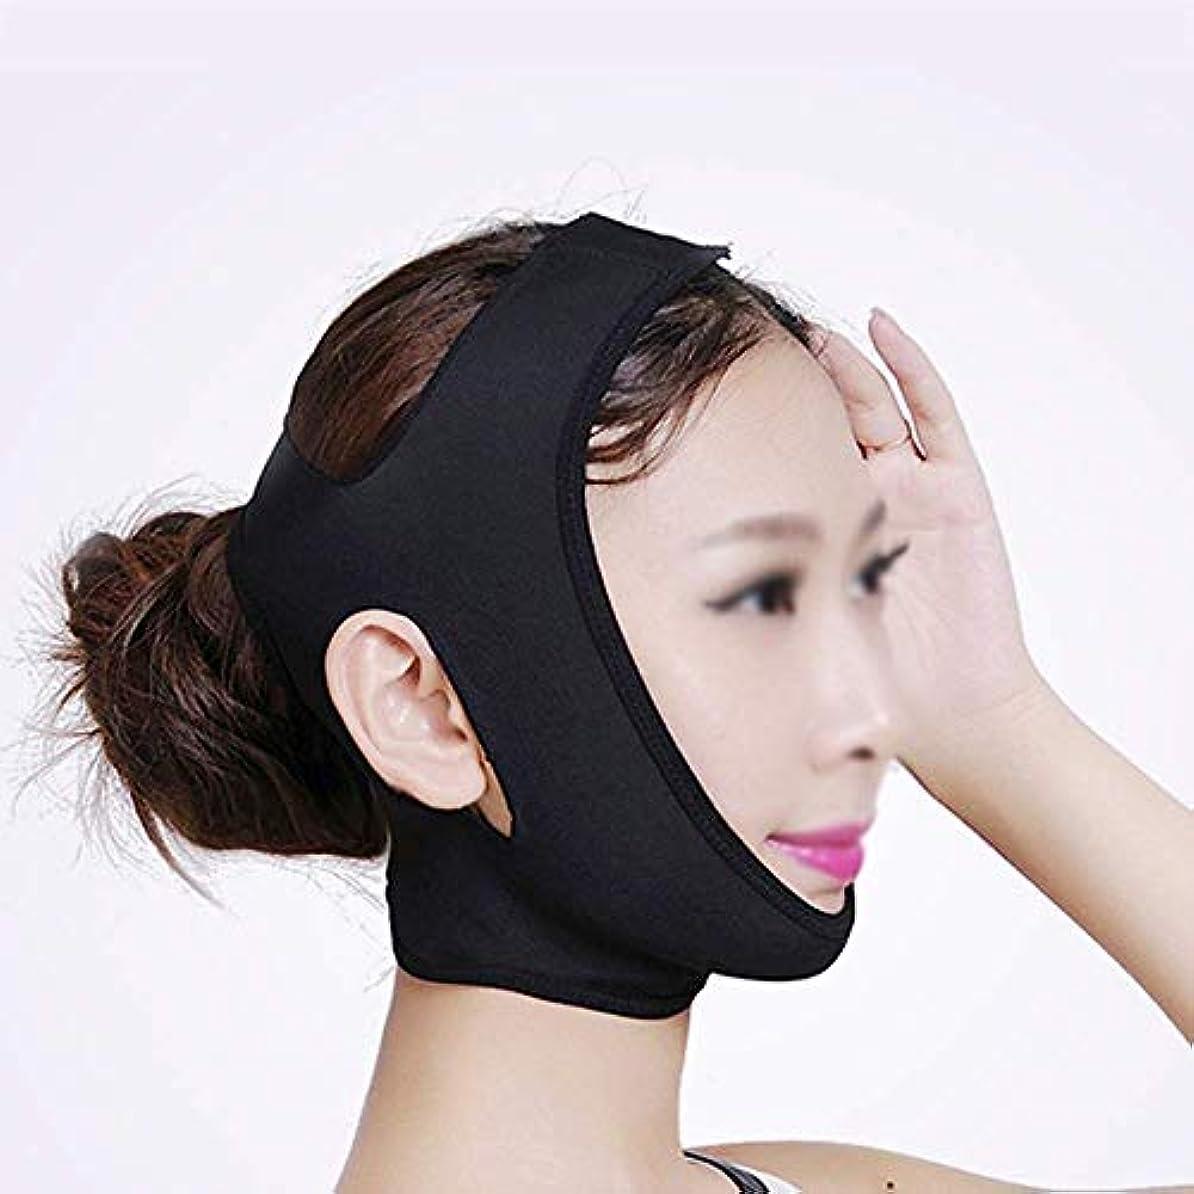 フェイシャル減量マスクリフティングフェイス、フェイスマスク、減量包帯を除去するためのダブルチン、フェイシャルリフティング包帯、ダブルチンを減らすためのリフティングベルト(カラー:ブラック、サイズ:M),黒、M